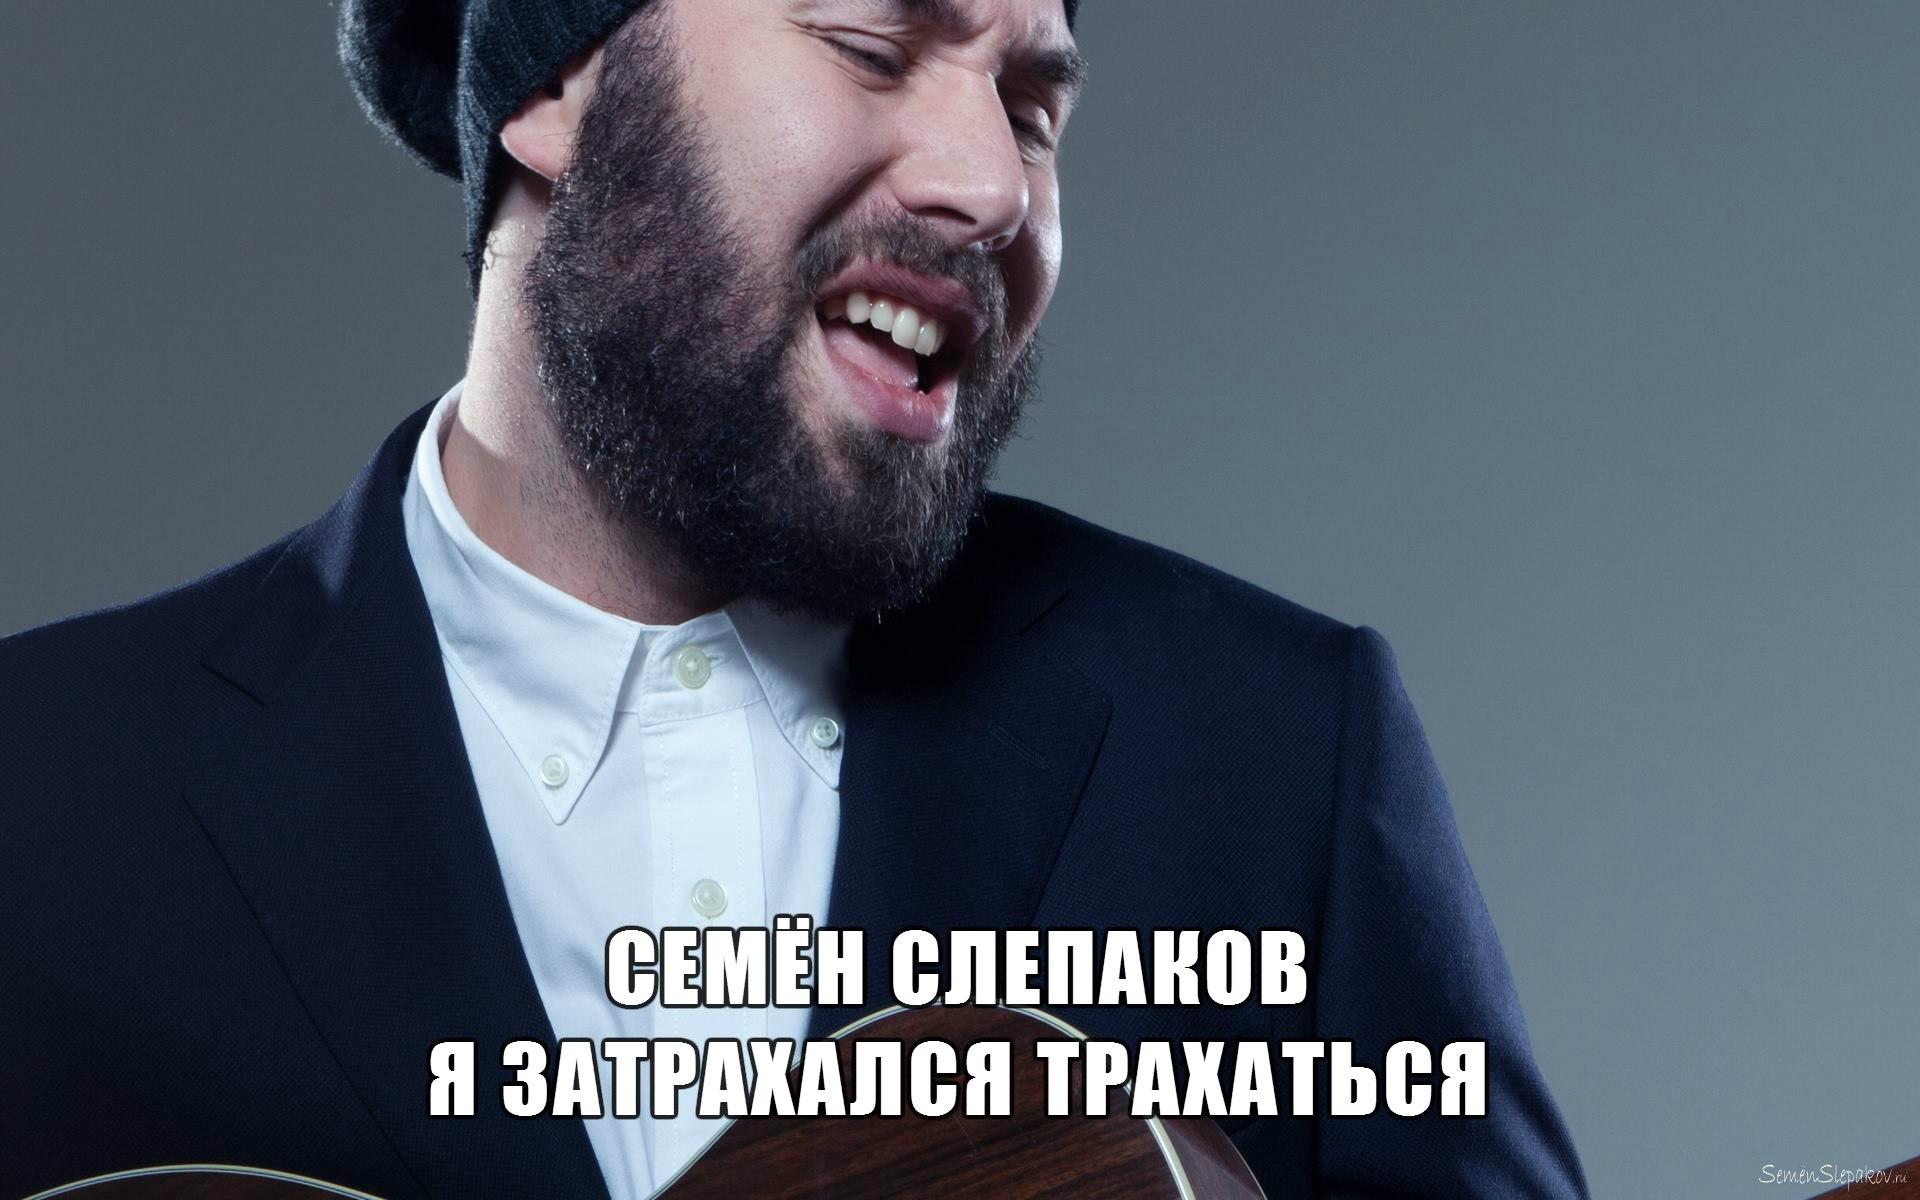 uspeshnaya-gruppa-trahatsya